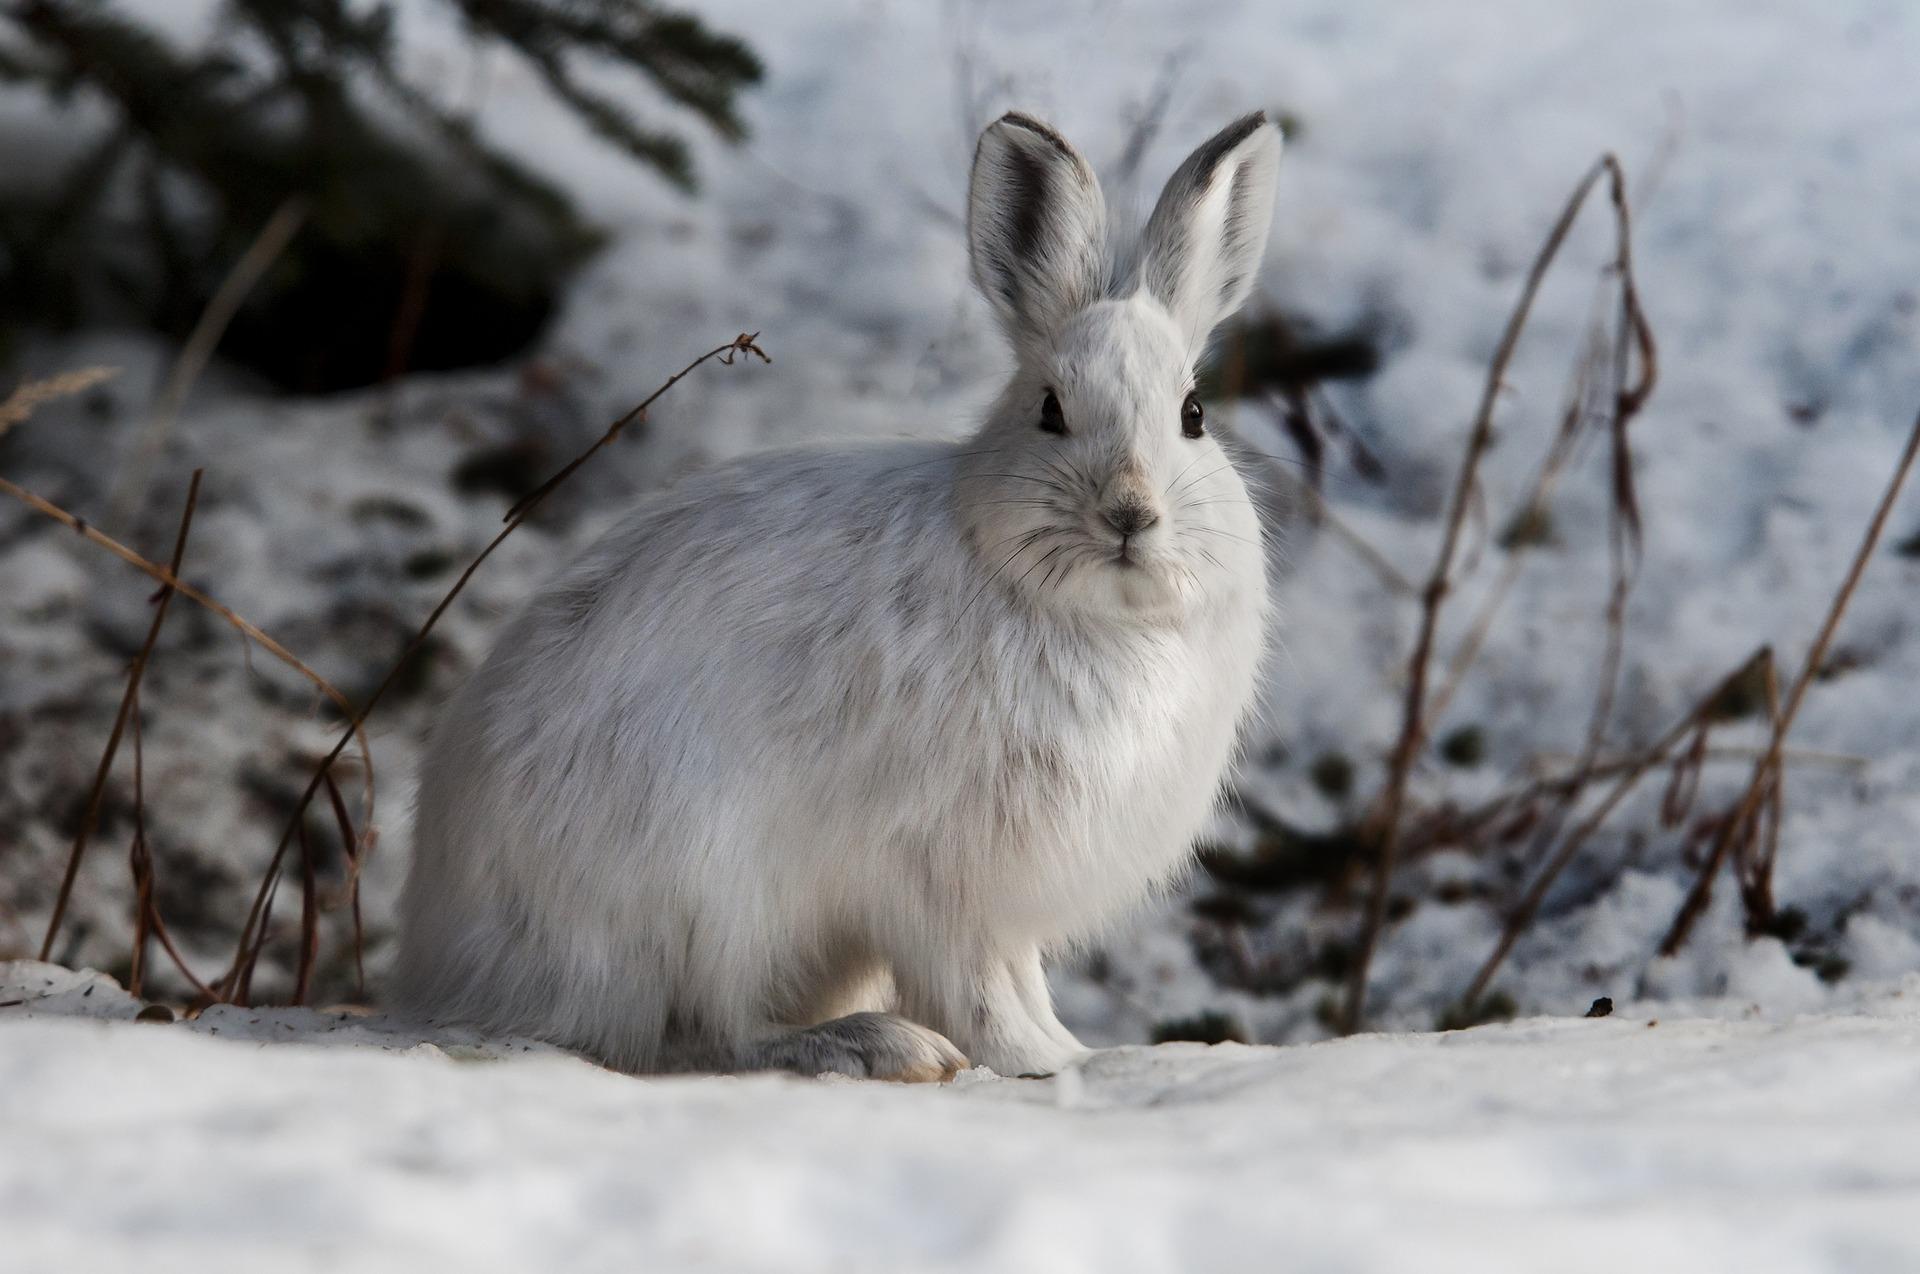 Hase im Schnee, Hasenstall winterfest machen